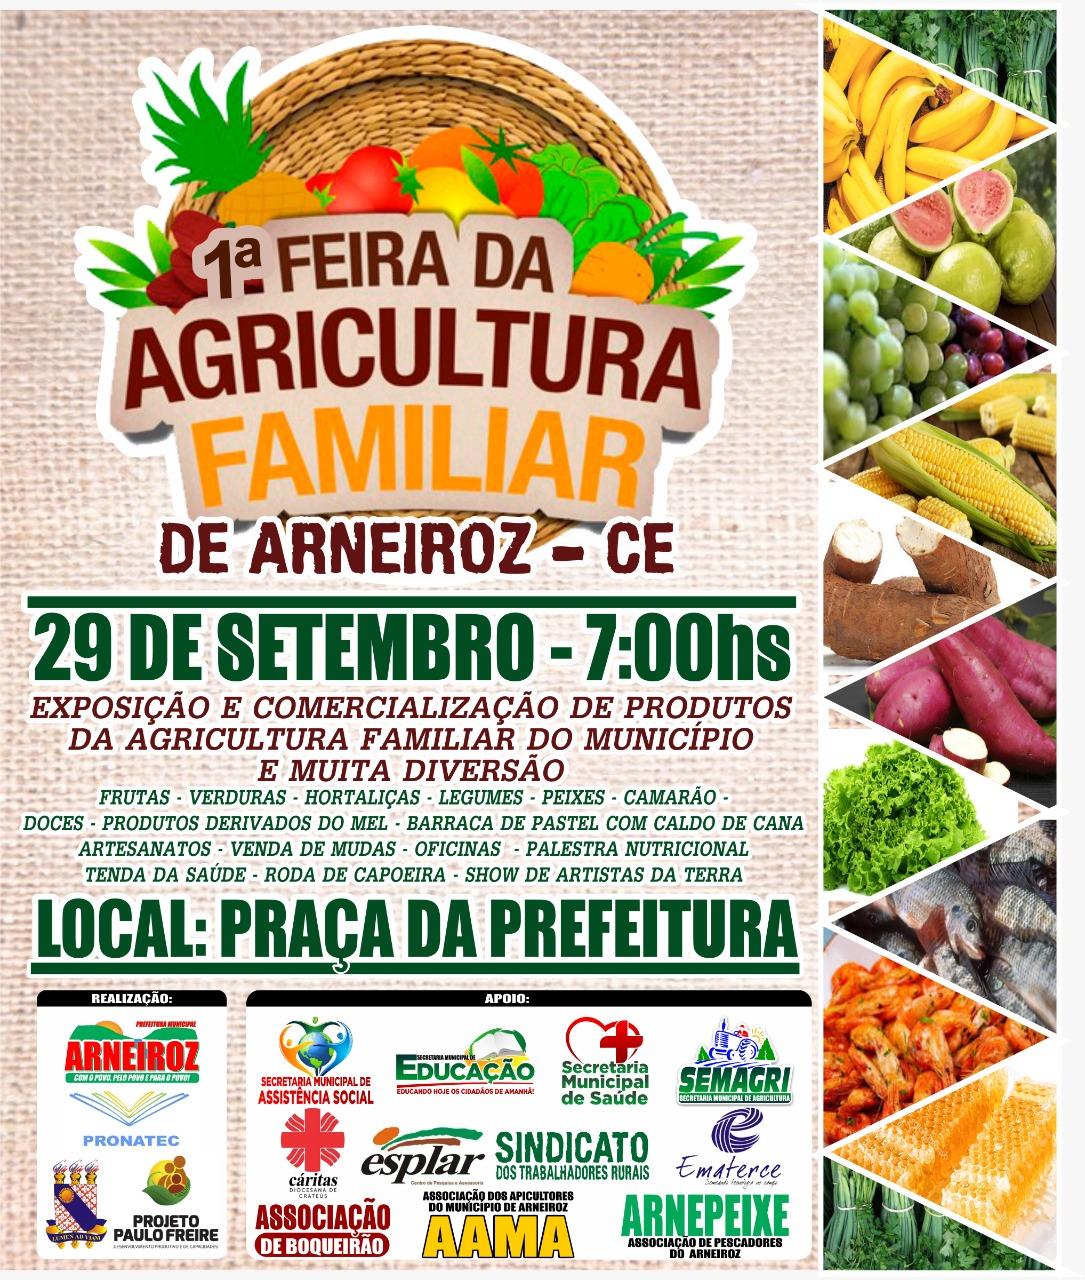 Sábado, 9 de Setembro, em Arneiroz-CE.